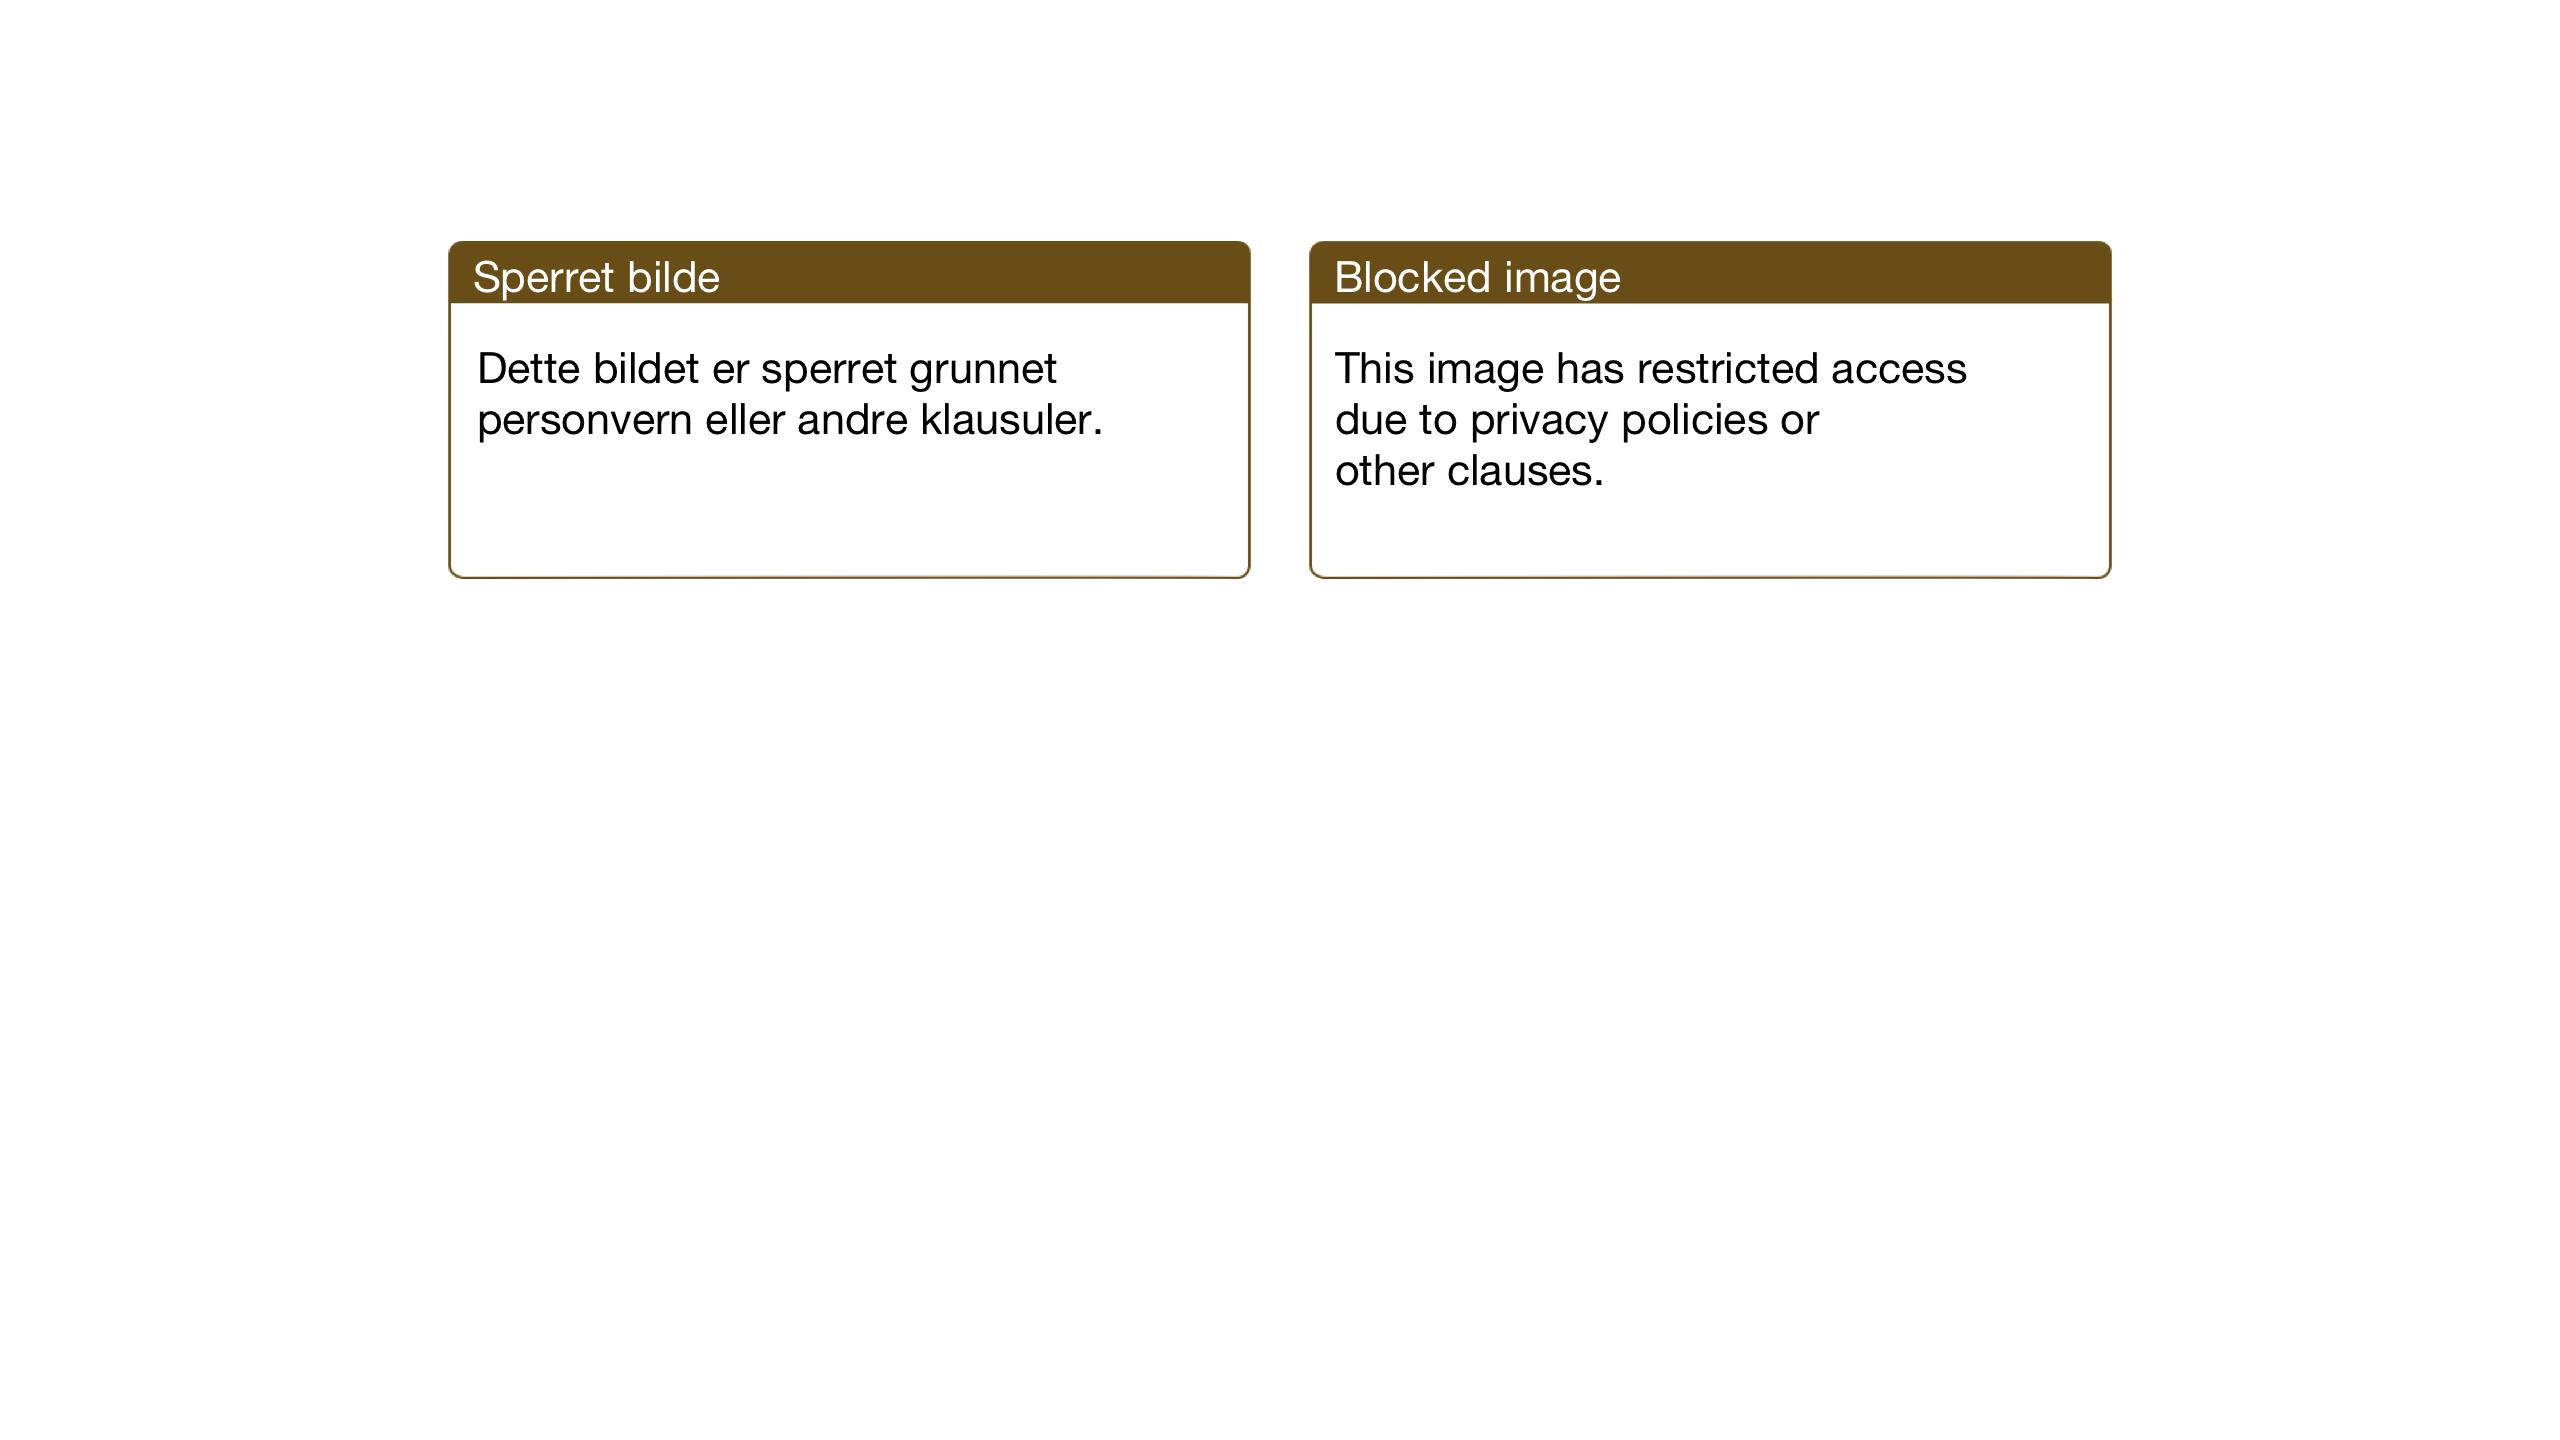 SAT, Ministerialprotokoller, klokkerbøker og fødselsregistre - Nord-Trøndelag, 745/L0434: Klokkerbok nr. 745C03, 1914-1937, s. 68